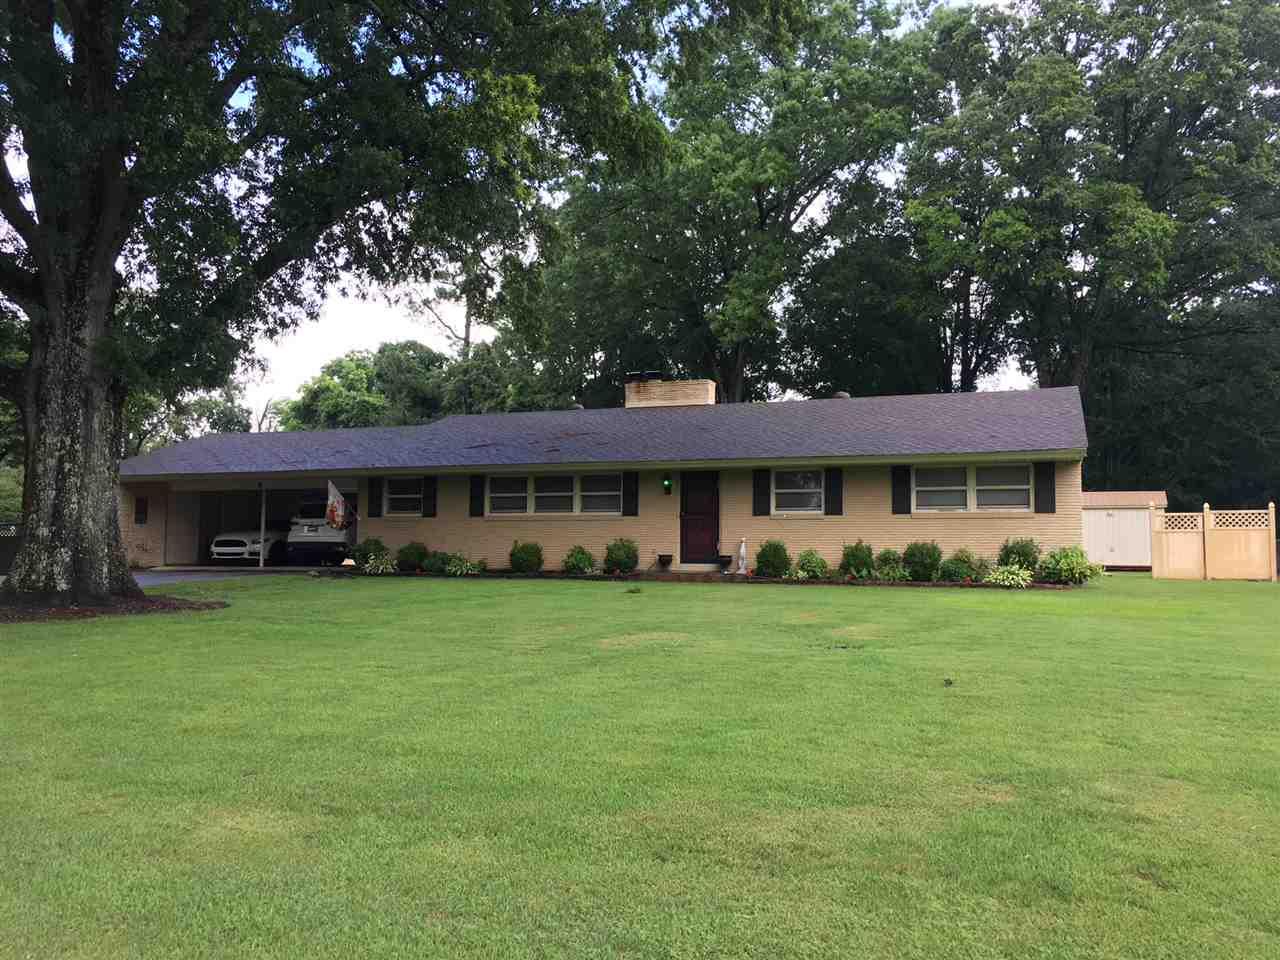 6Twin Oaks Pl - Jackson, TN